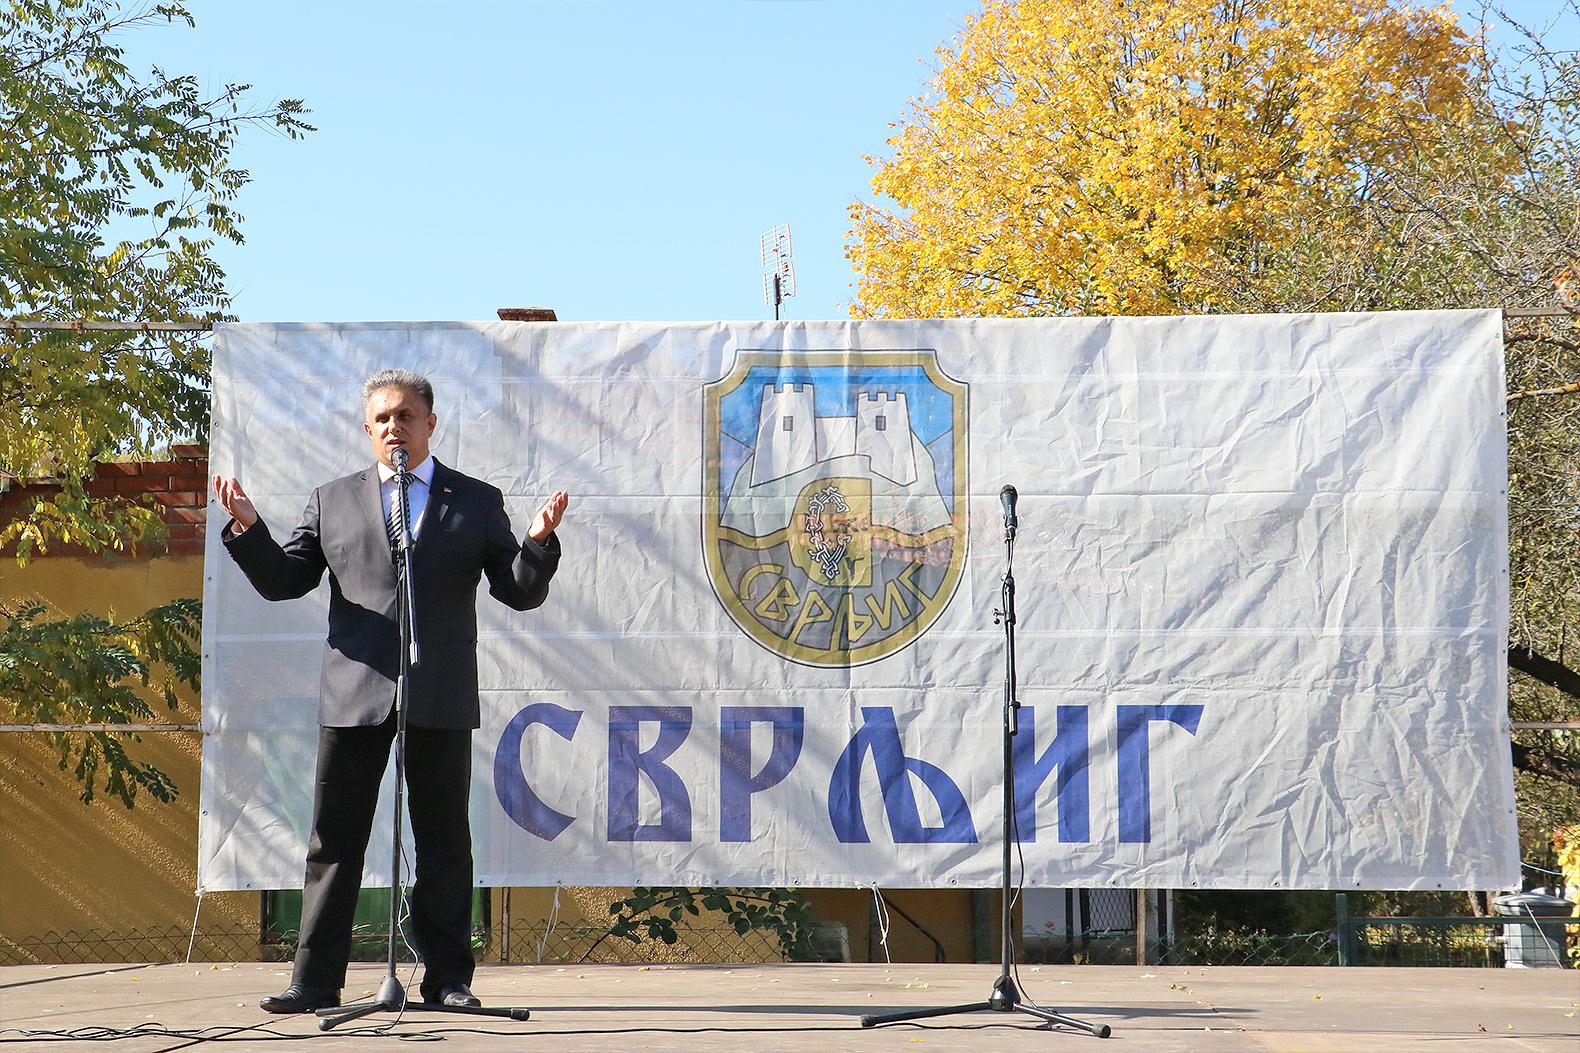 Miletić Milija narodni poslanik i predsednik Ujedinjene seljačke stranke, foto: Marko Miladinović, Domaćinska kuća